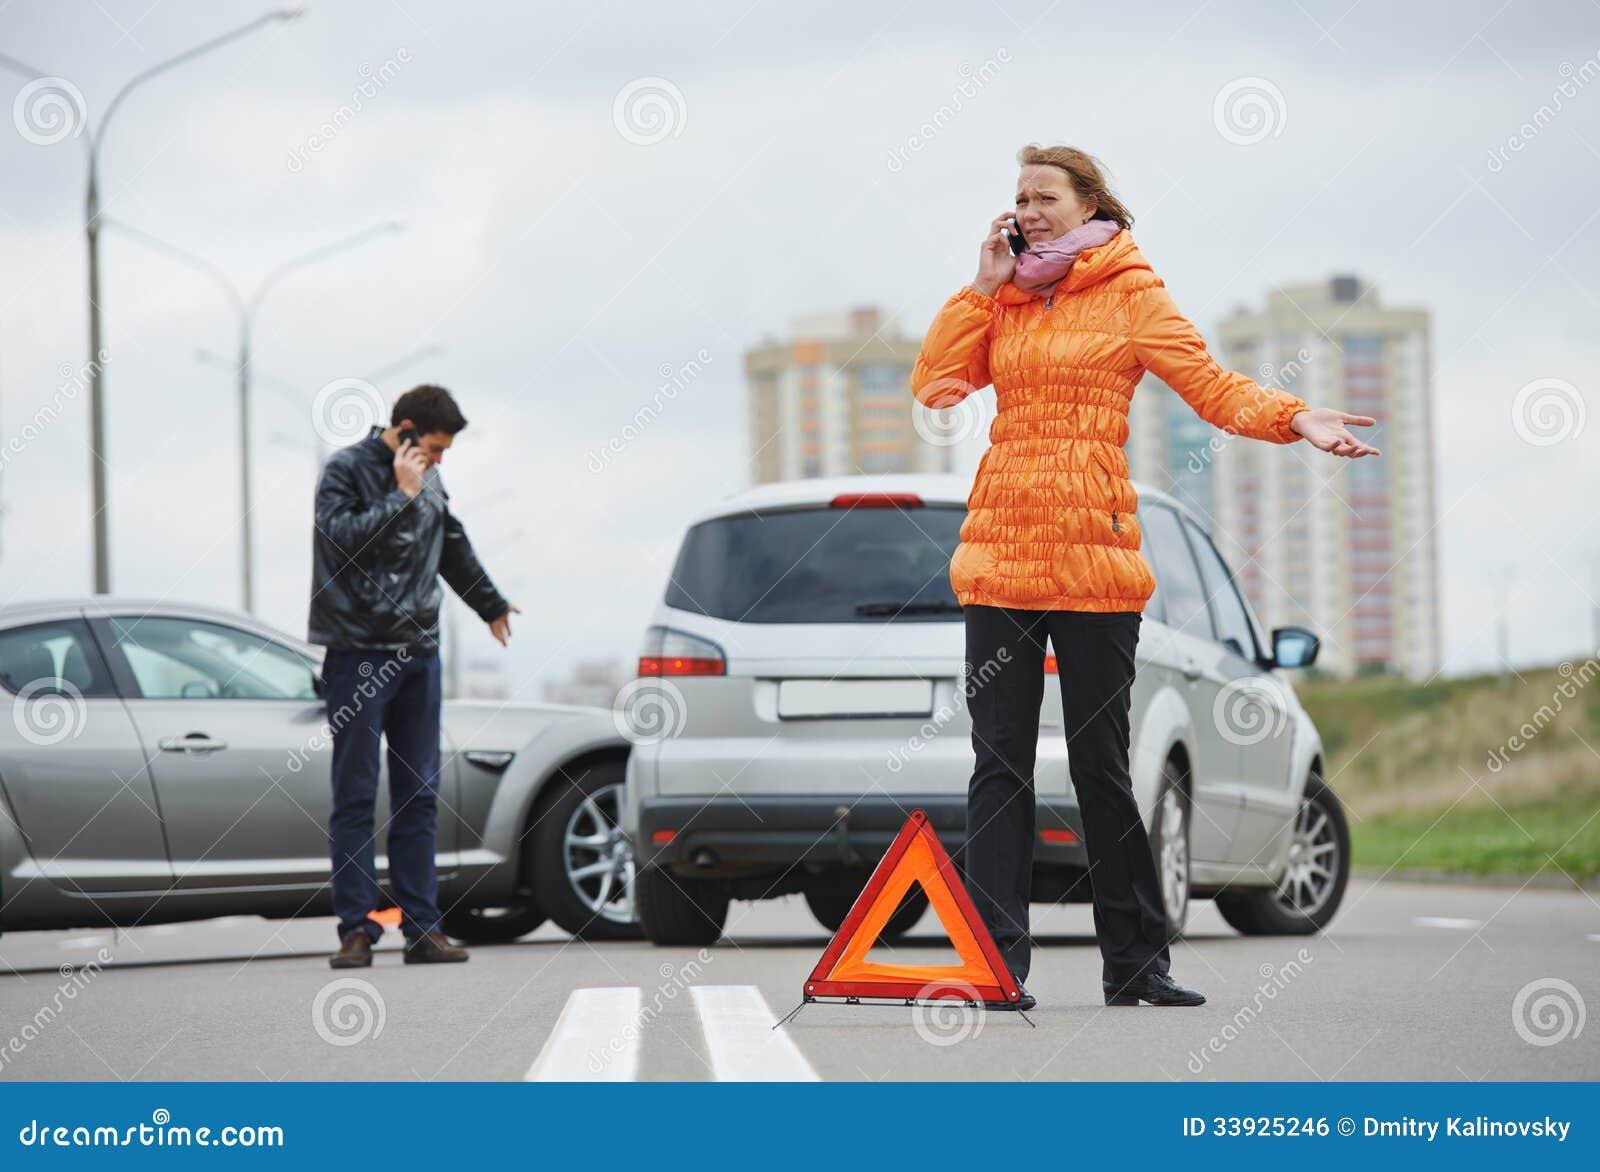 Столкновение автокатастрофы